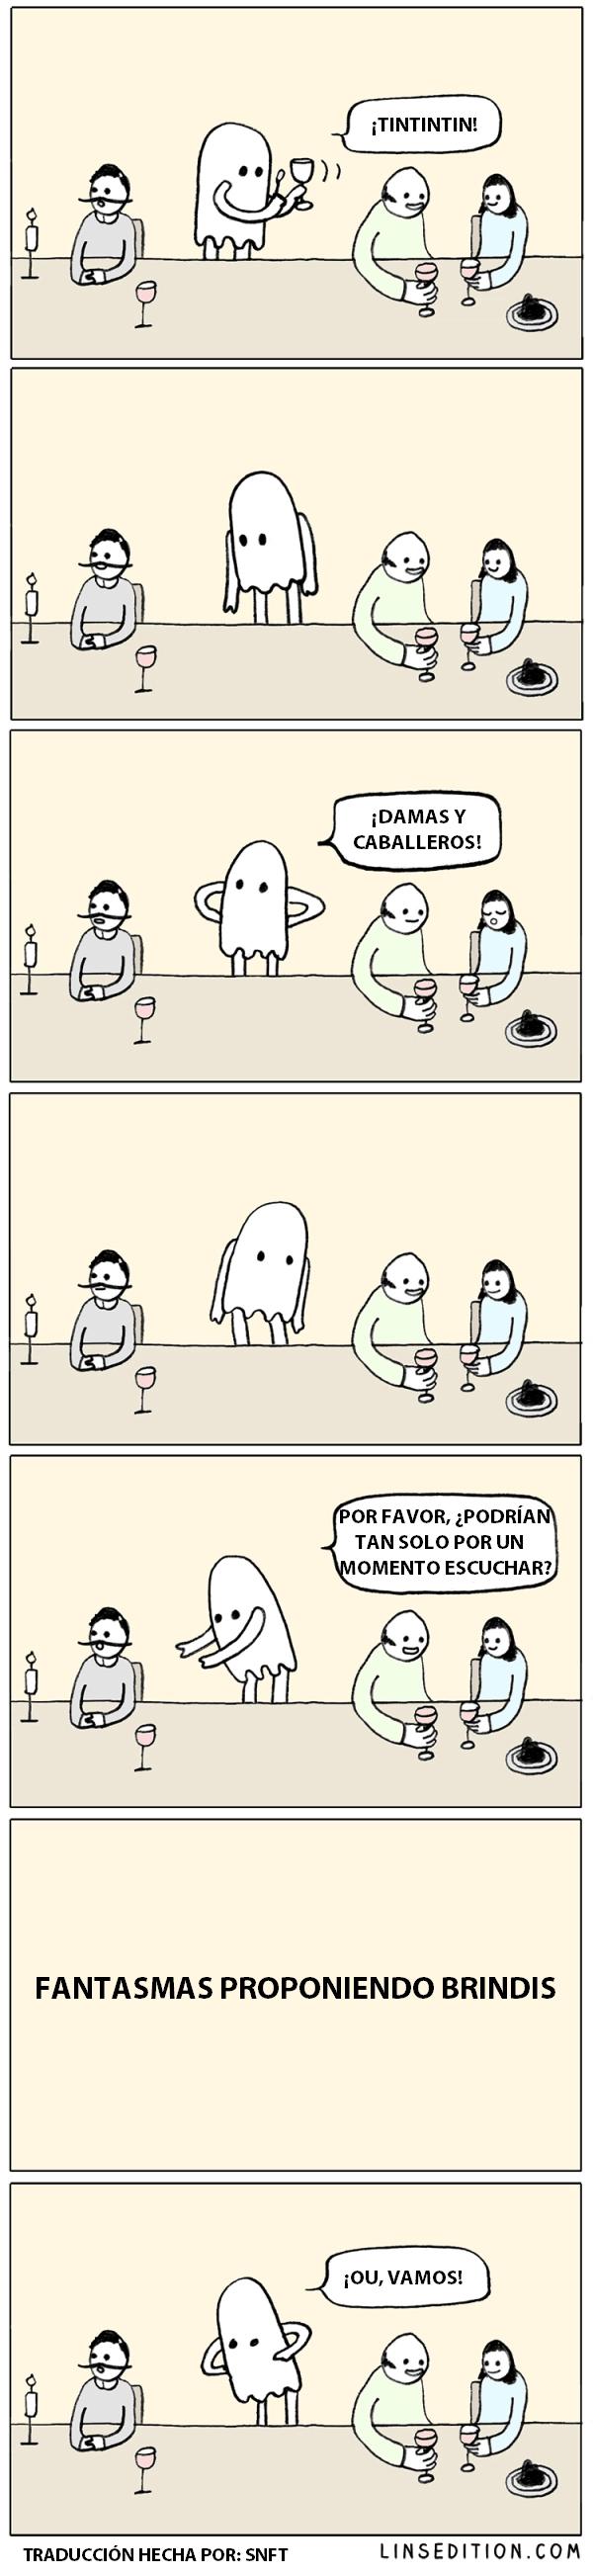 fantasmas proponiendo brindis WarNPeasTrSNFT